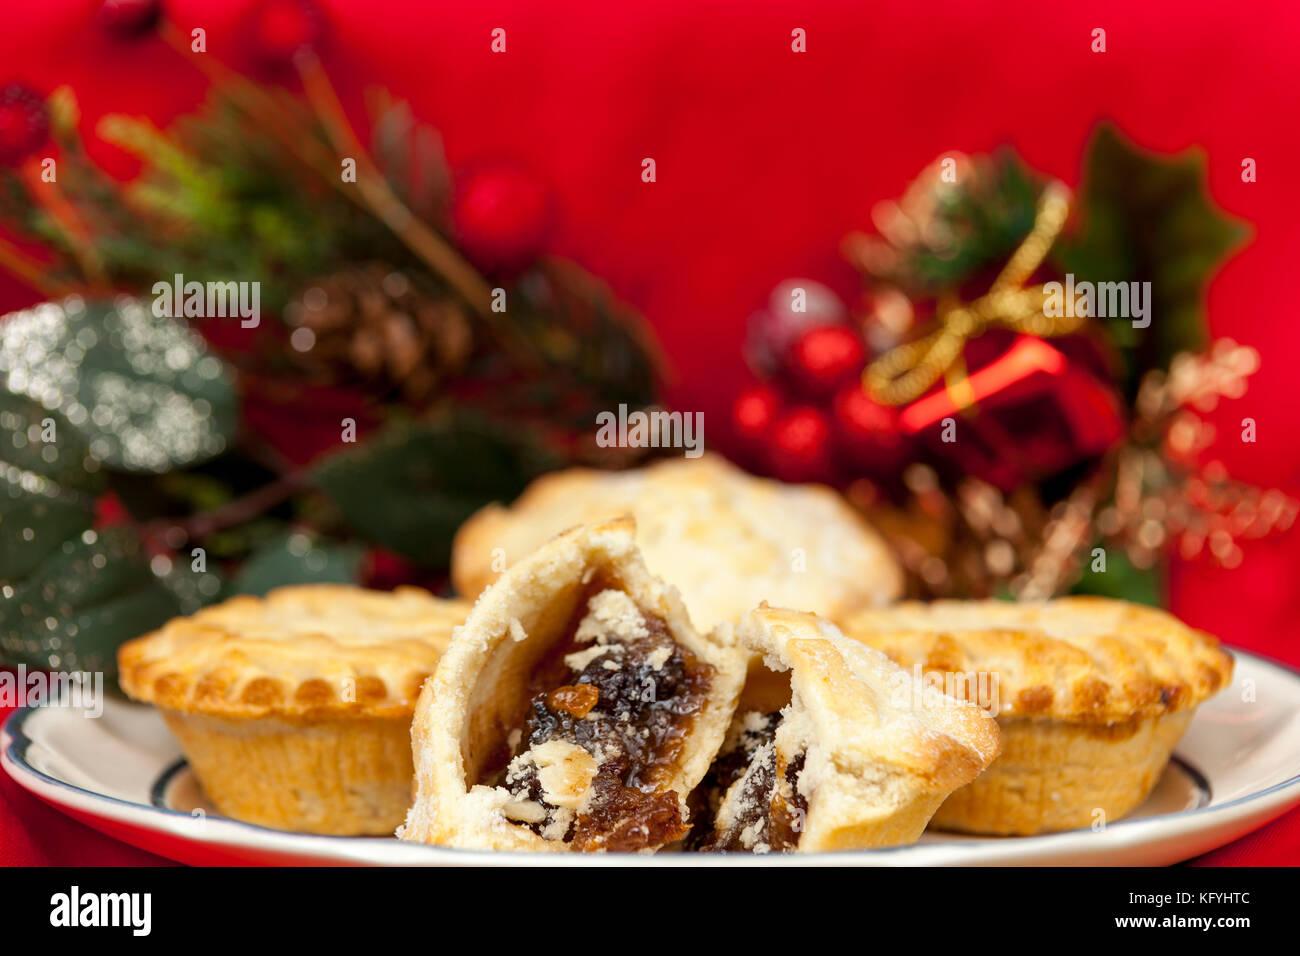 Cerca de la rotura de un pastel de carne picada en un plato con algunos adornos navideños contra una caída Imagen De Stock